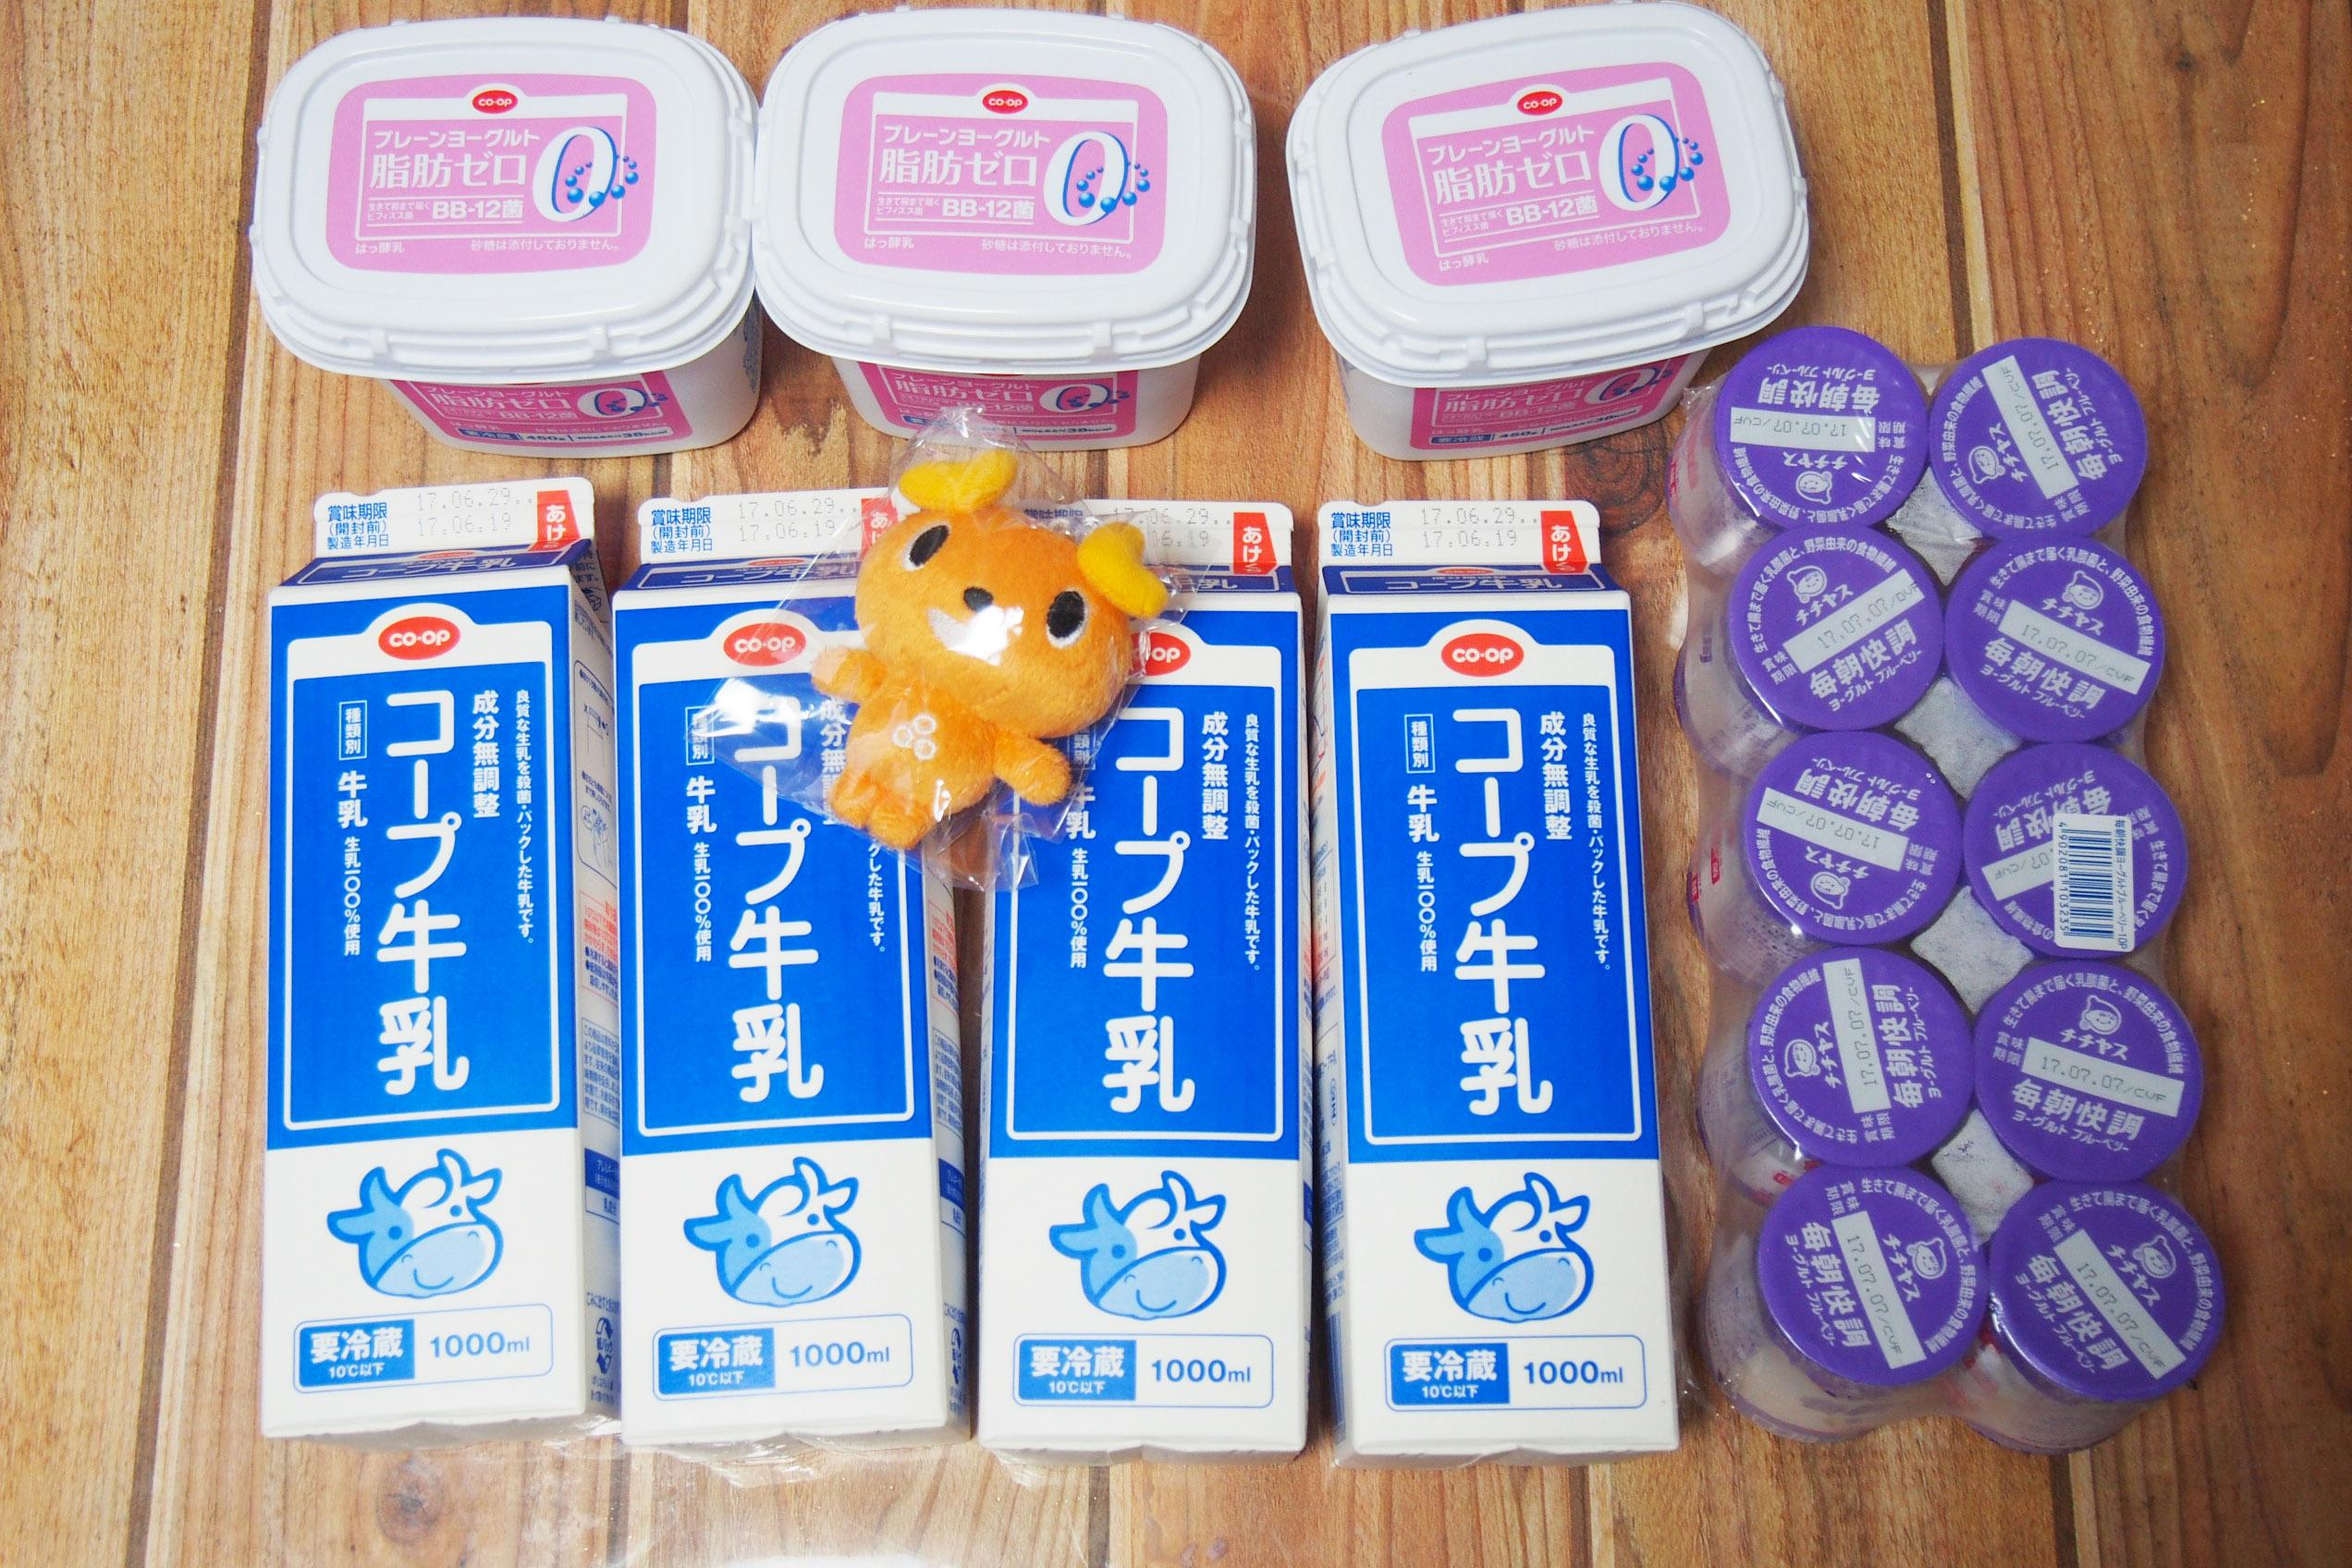 生協の牛乳